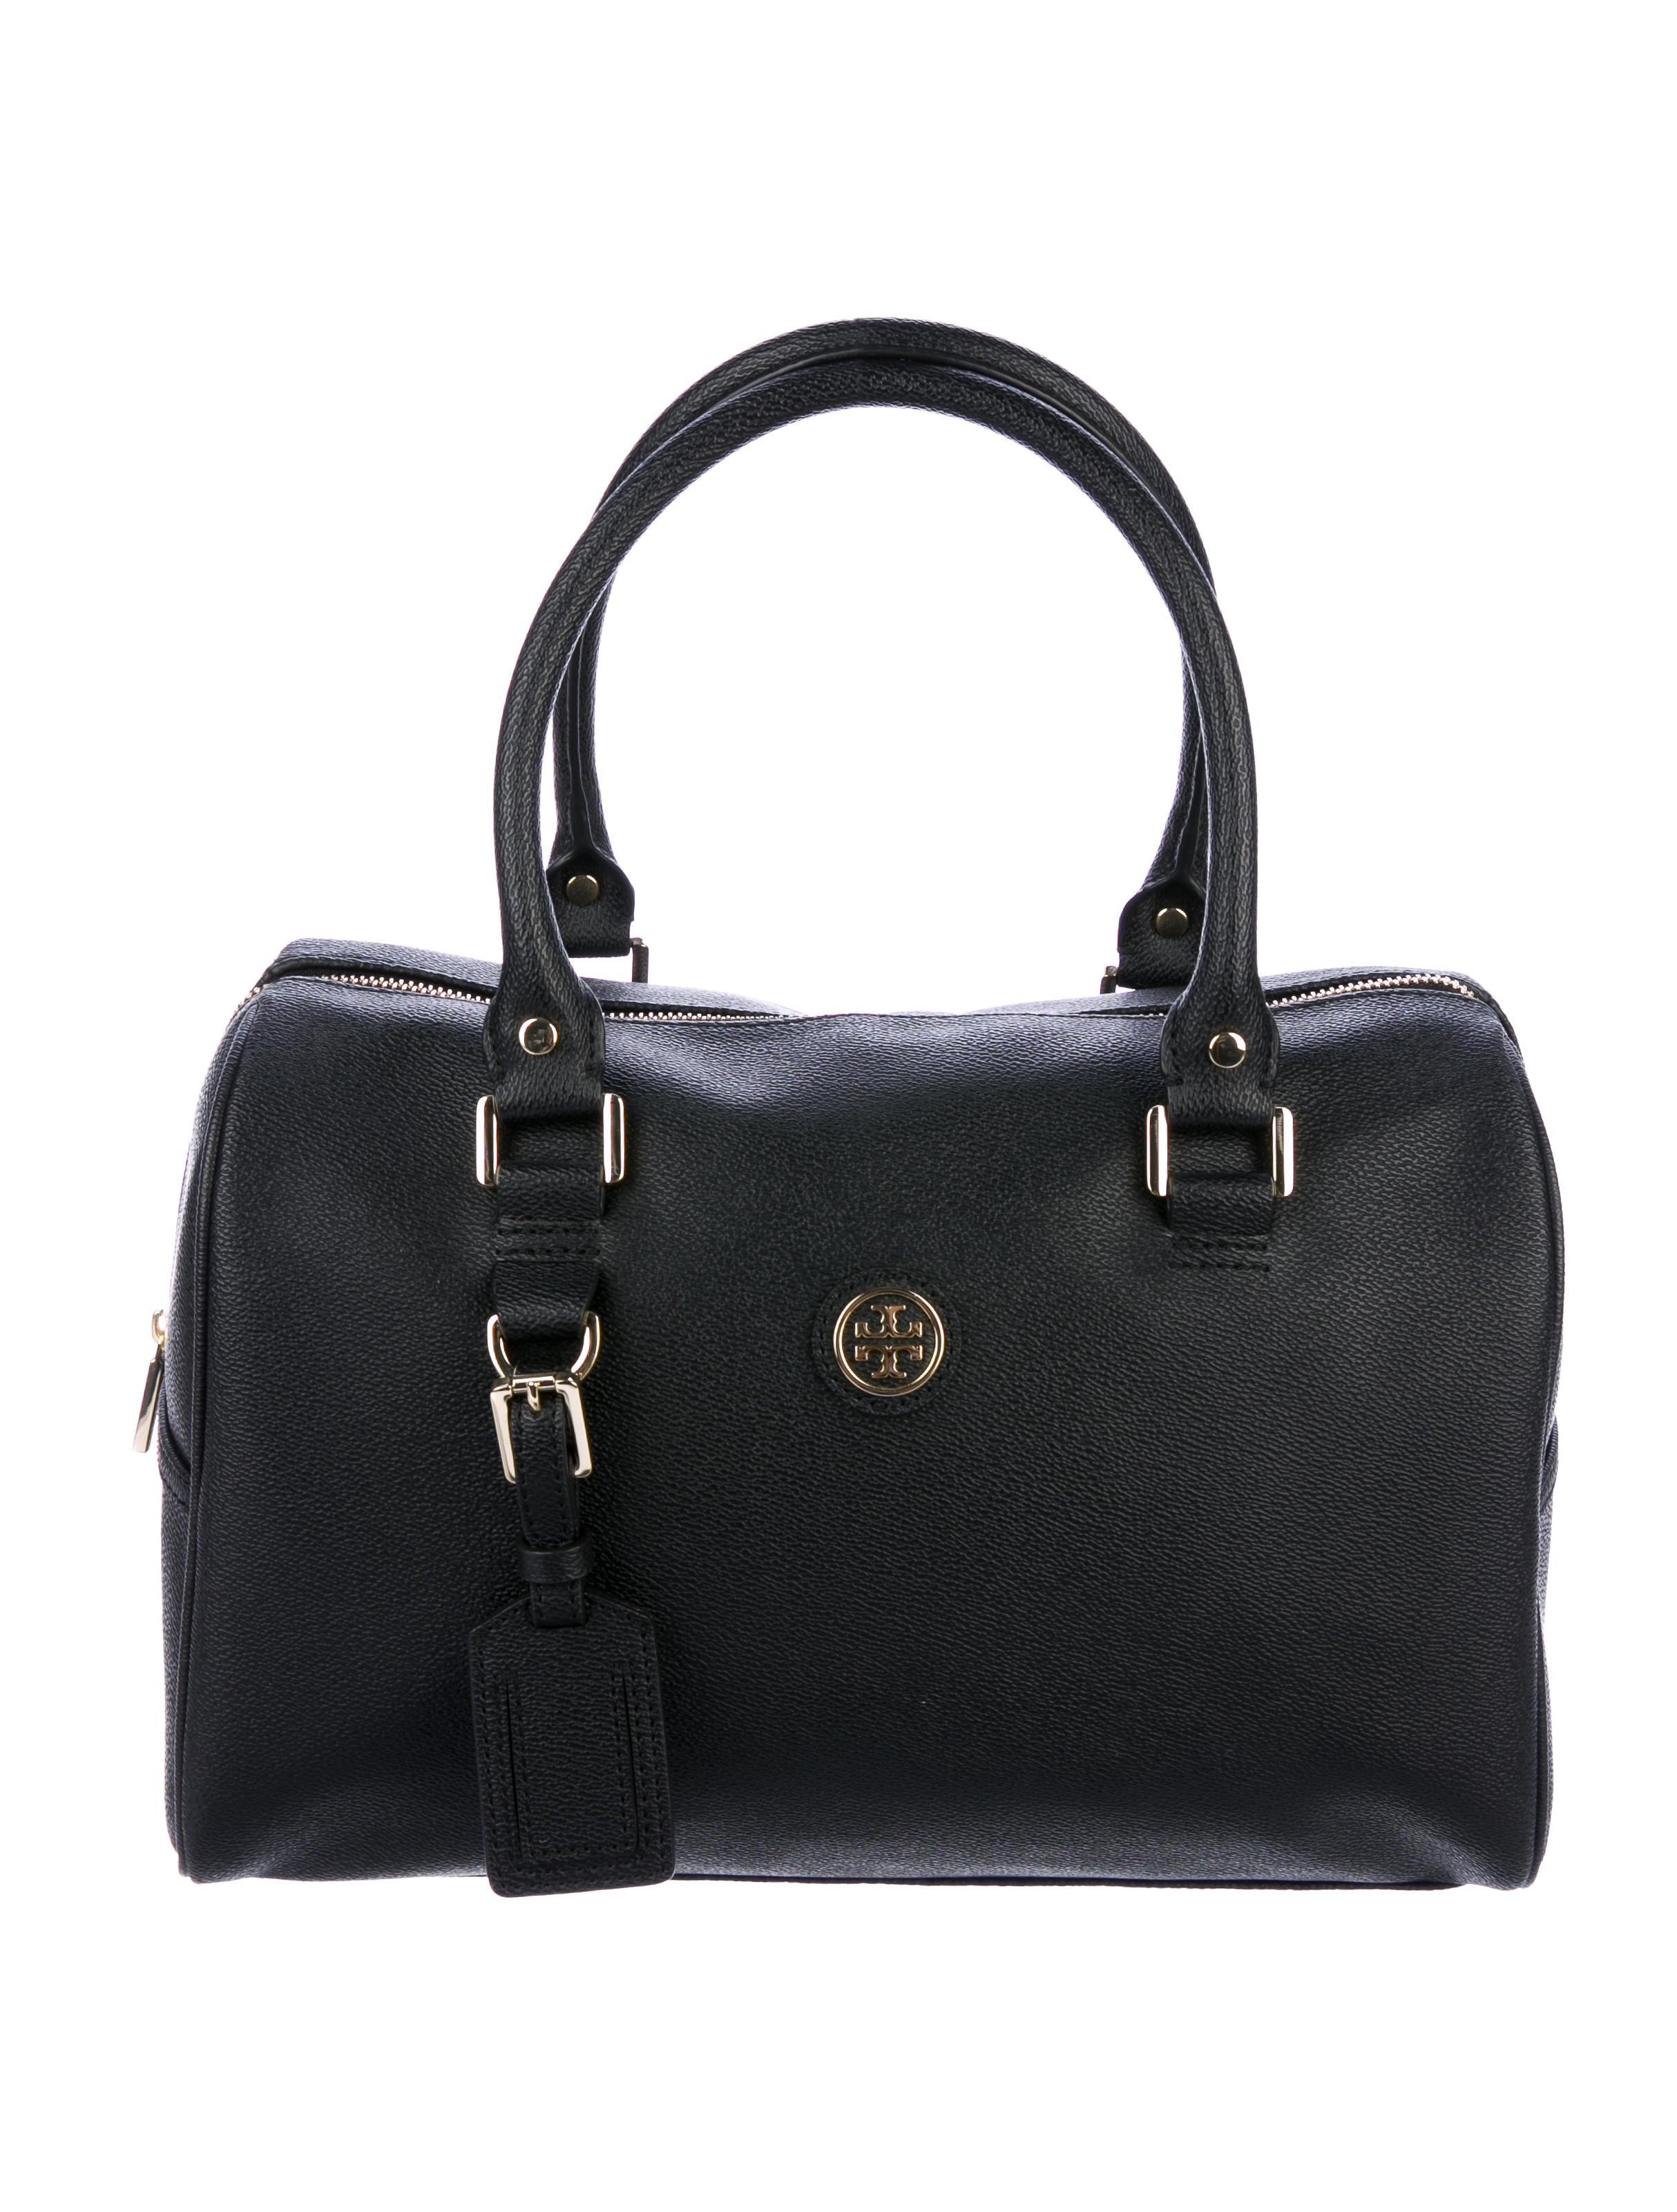 1fa5229057bd Tory Burch Roslyn Shoulder Bag - Handbags - WTO143864